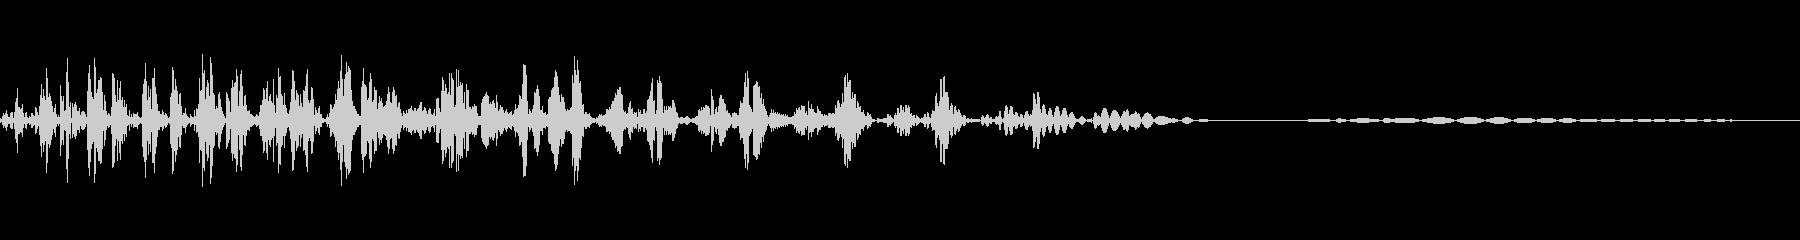 マイナス効果の魔法の効果音イメージ1の未再生の波形